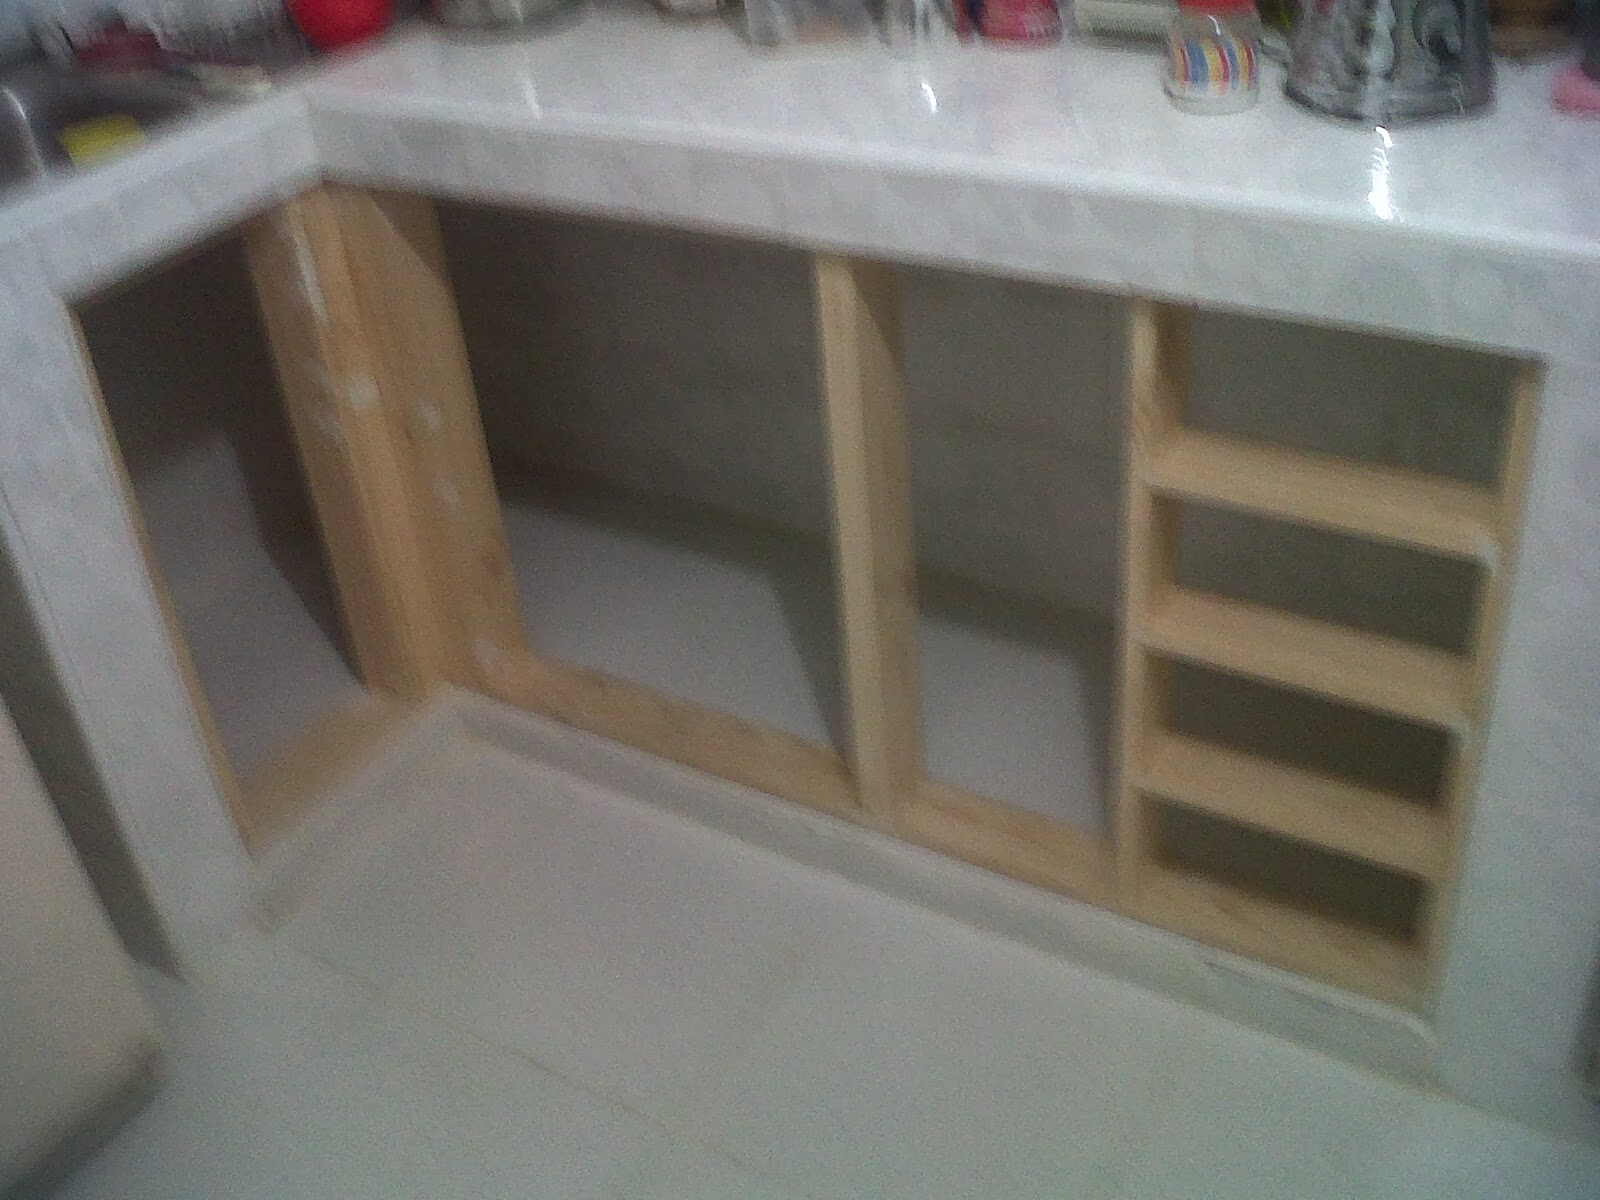 Reparación, remodelación e instalación de cocinas integrales: DISEÑO ...